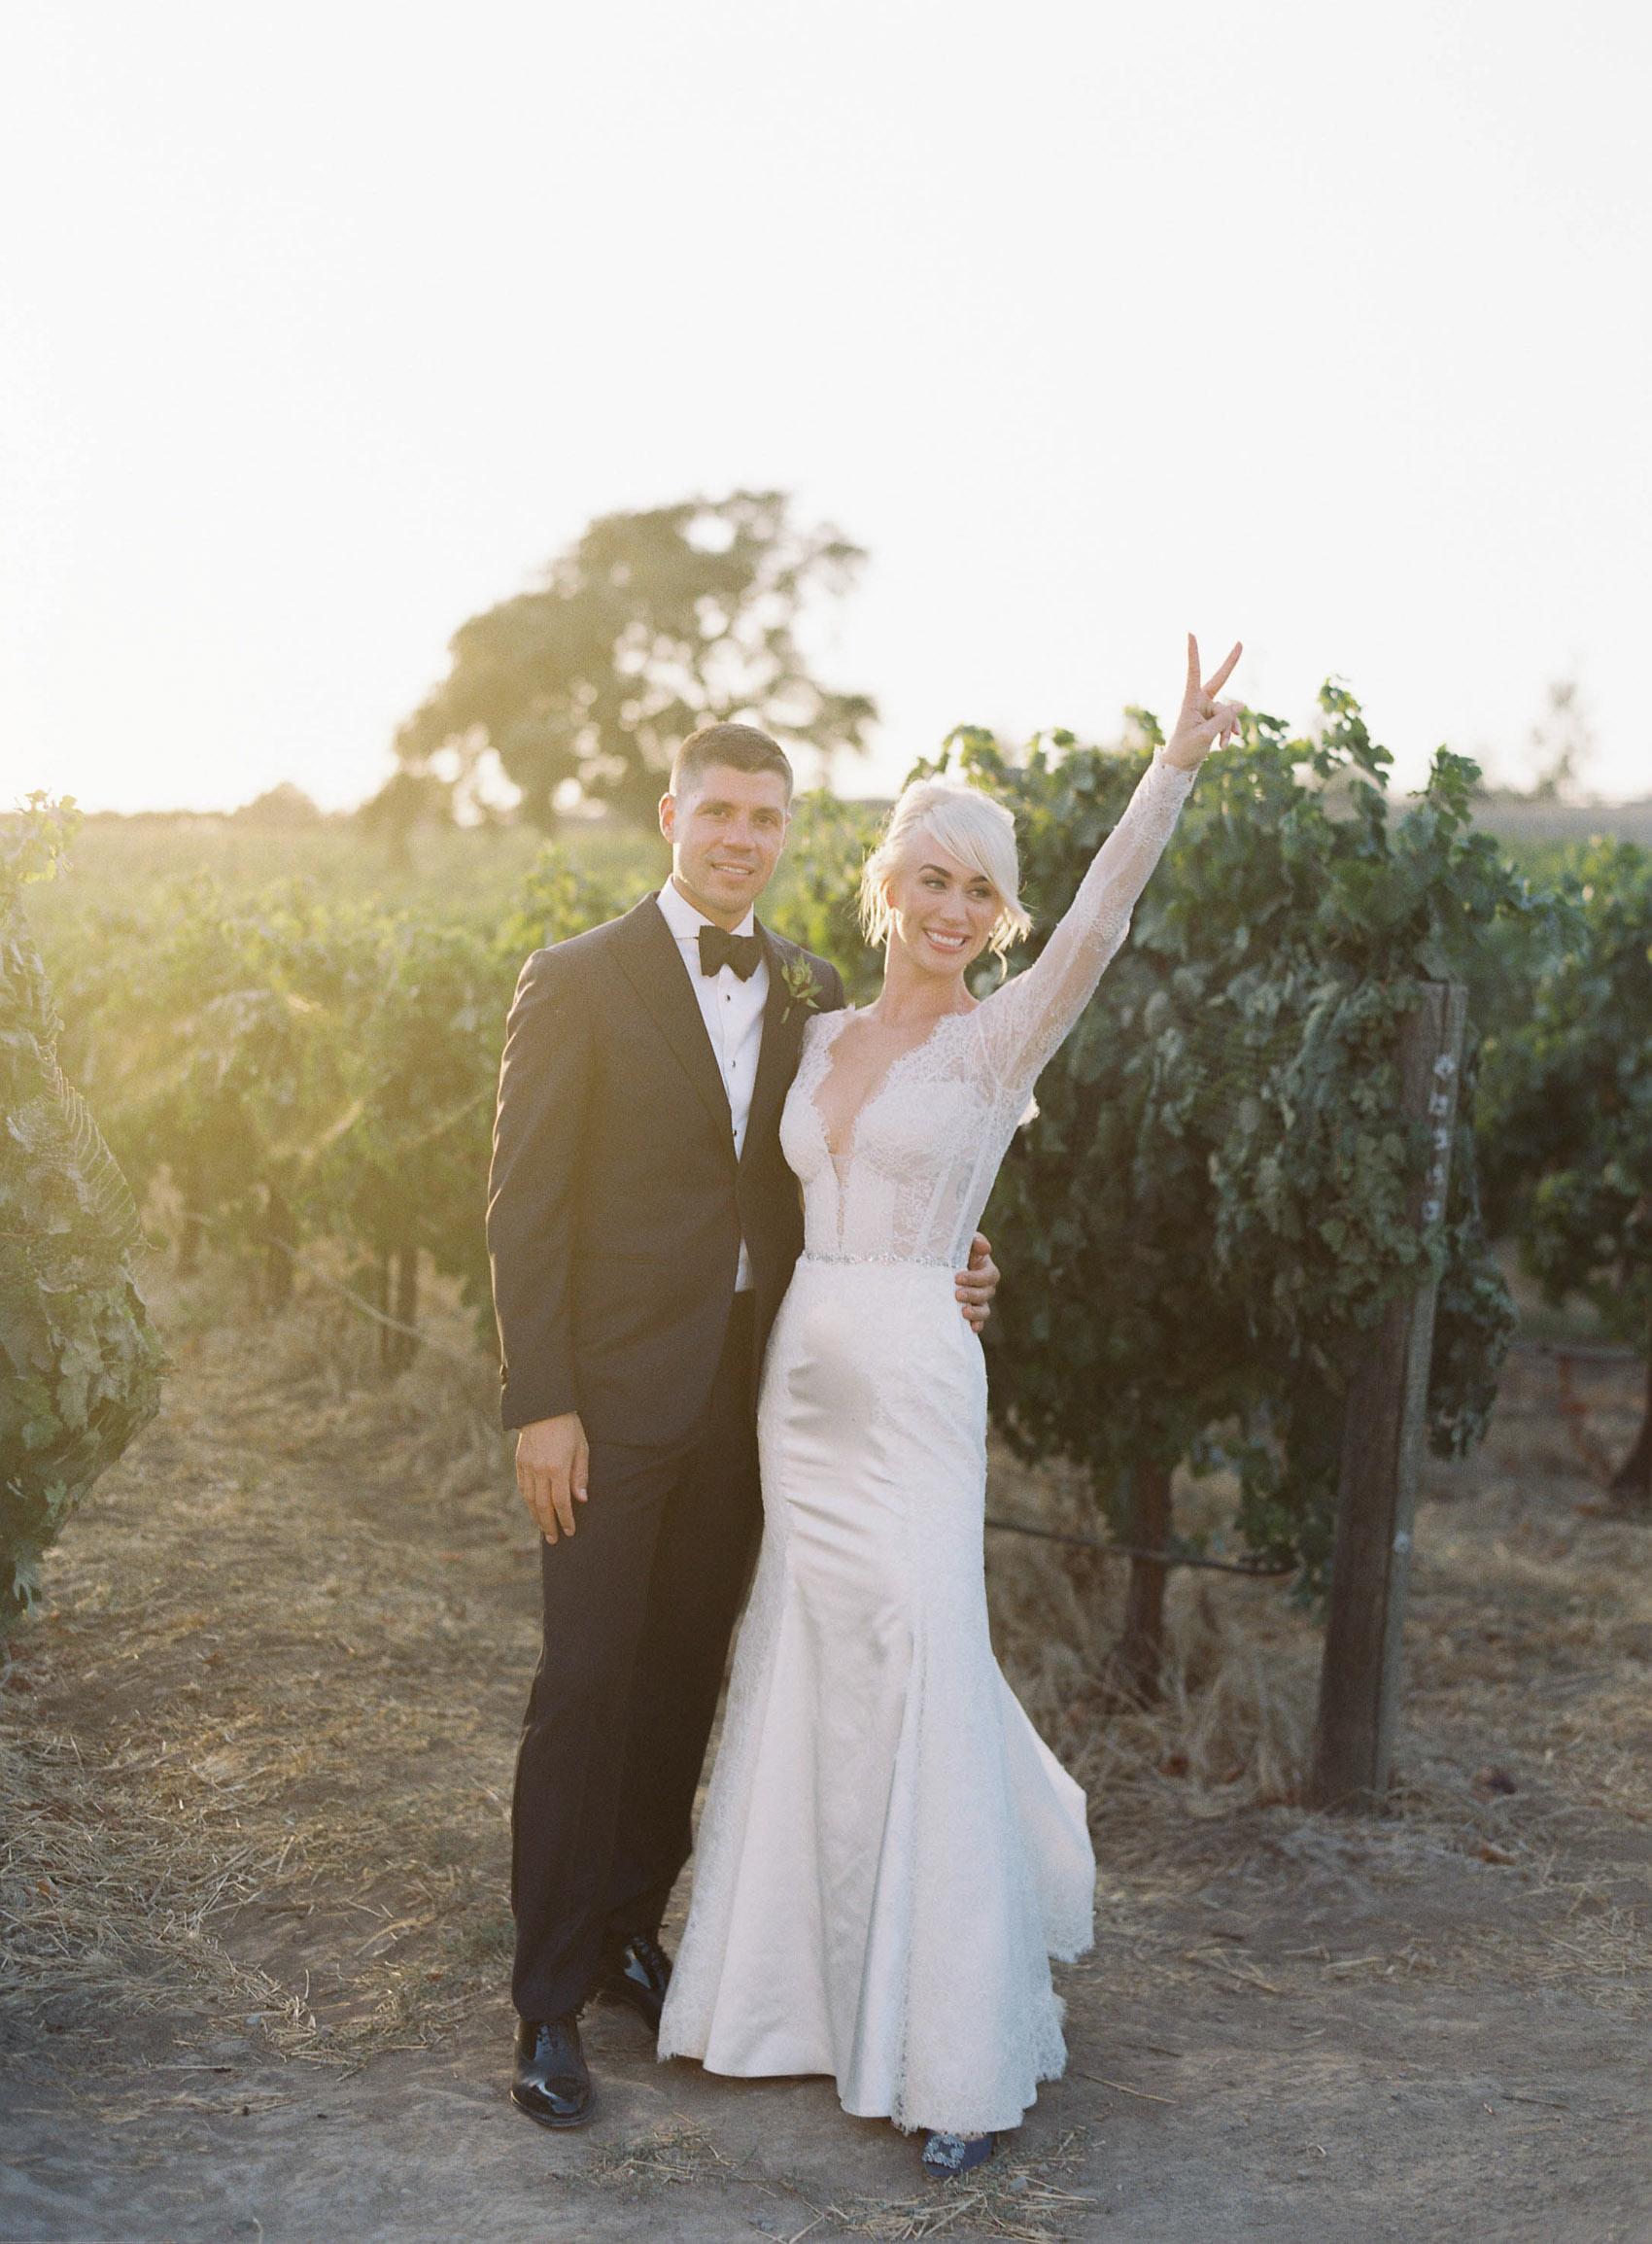 Sunstone_Villa_Wedding-74-Jen-Huang-JTEd-112-Jen_Huang-002823-R1-003.jpg